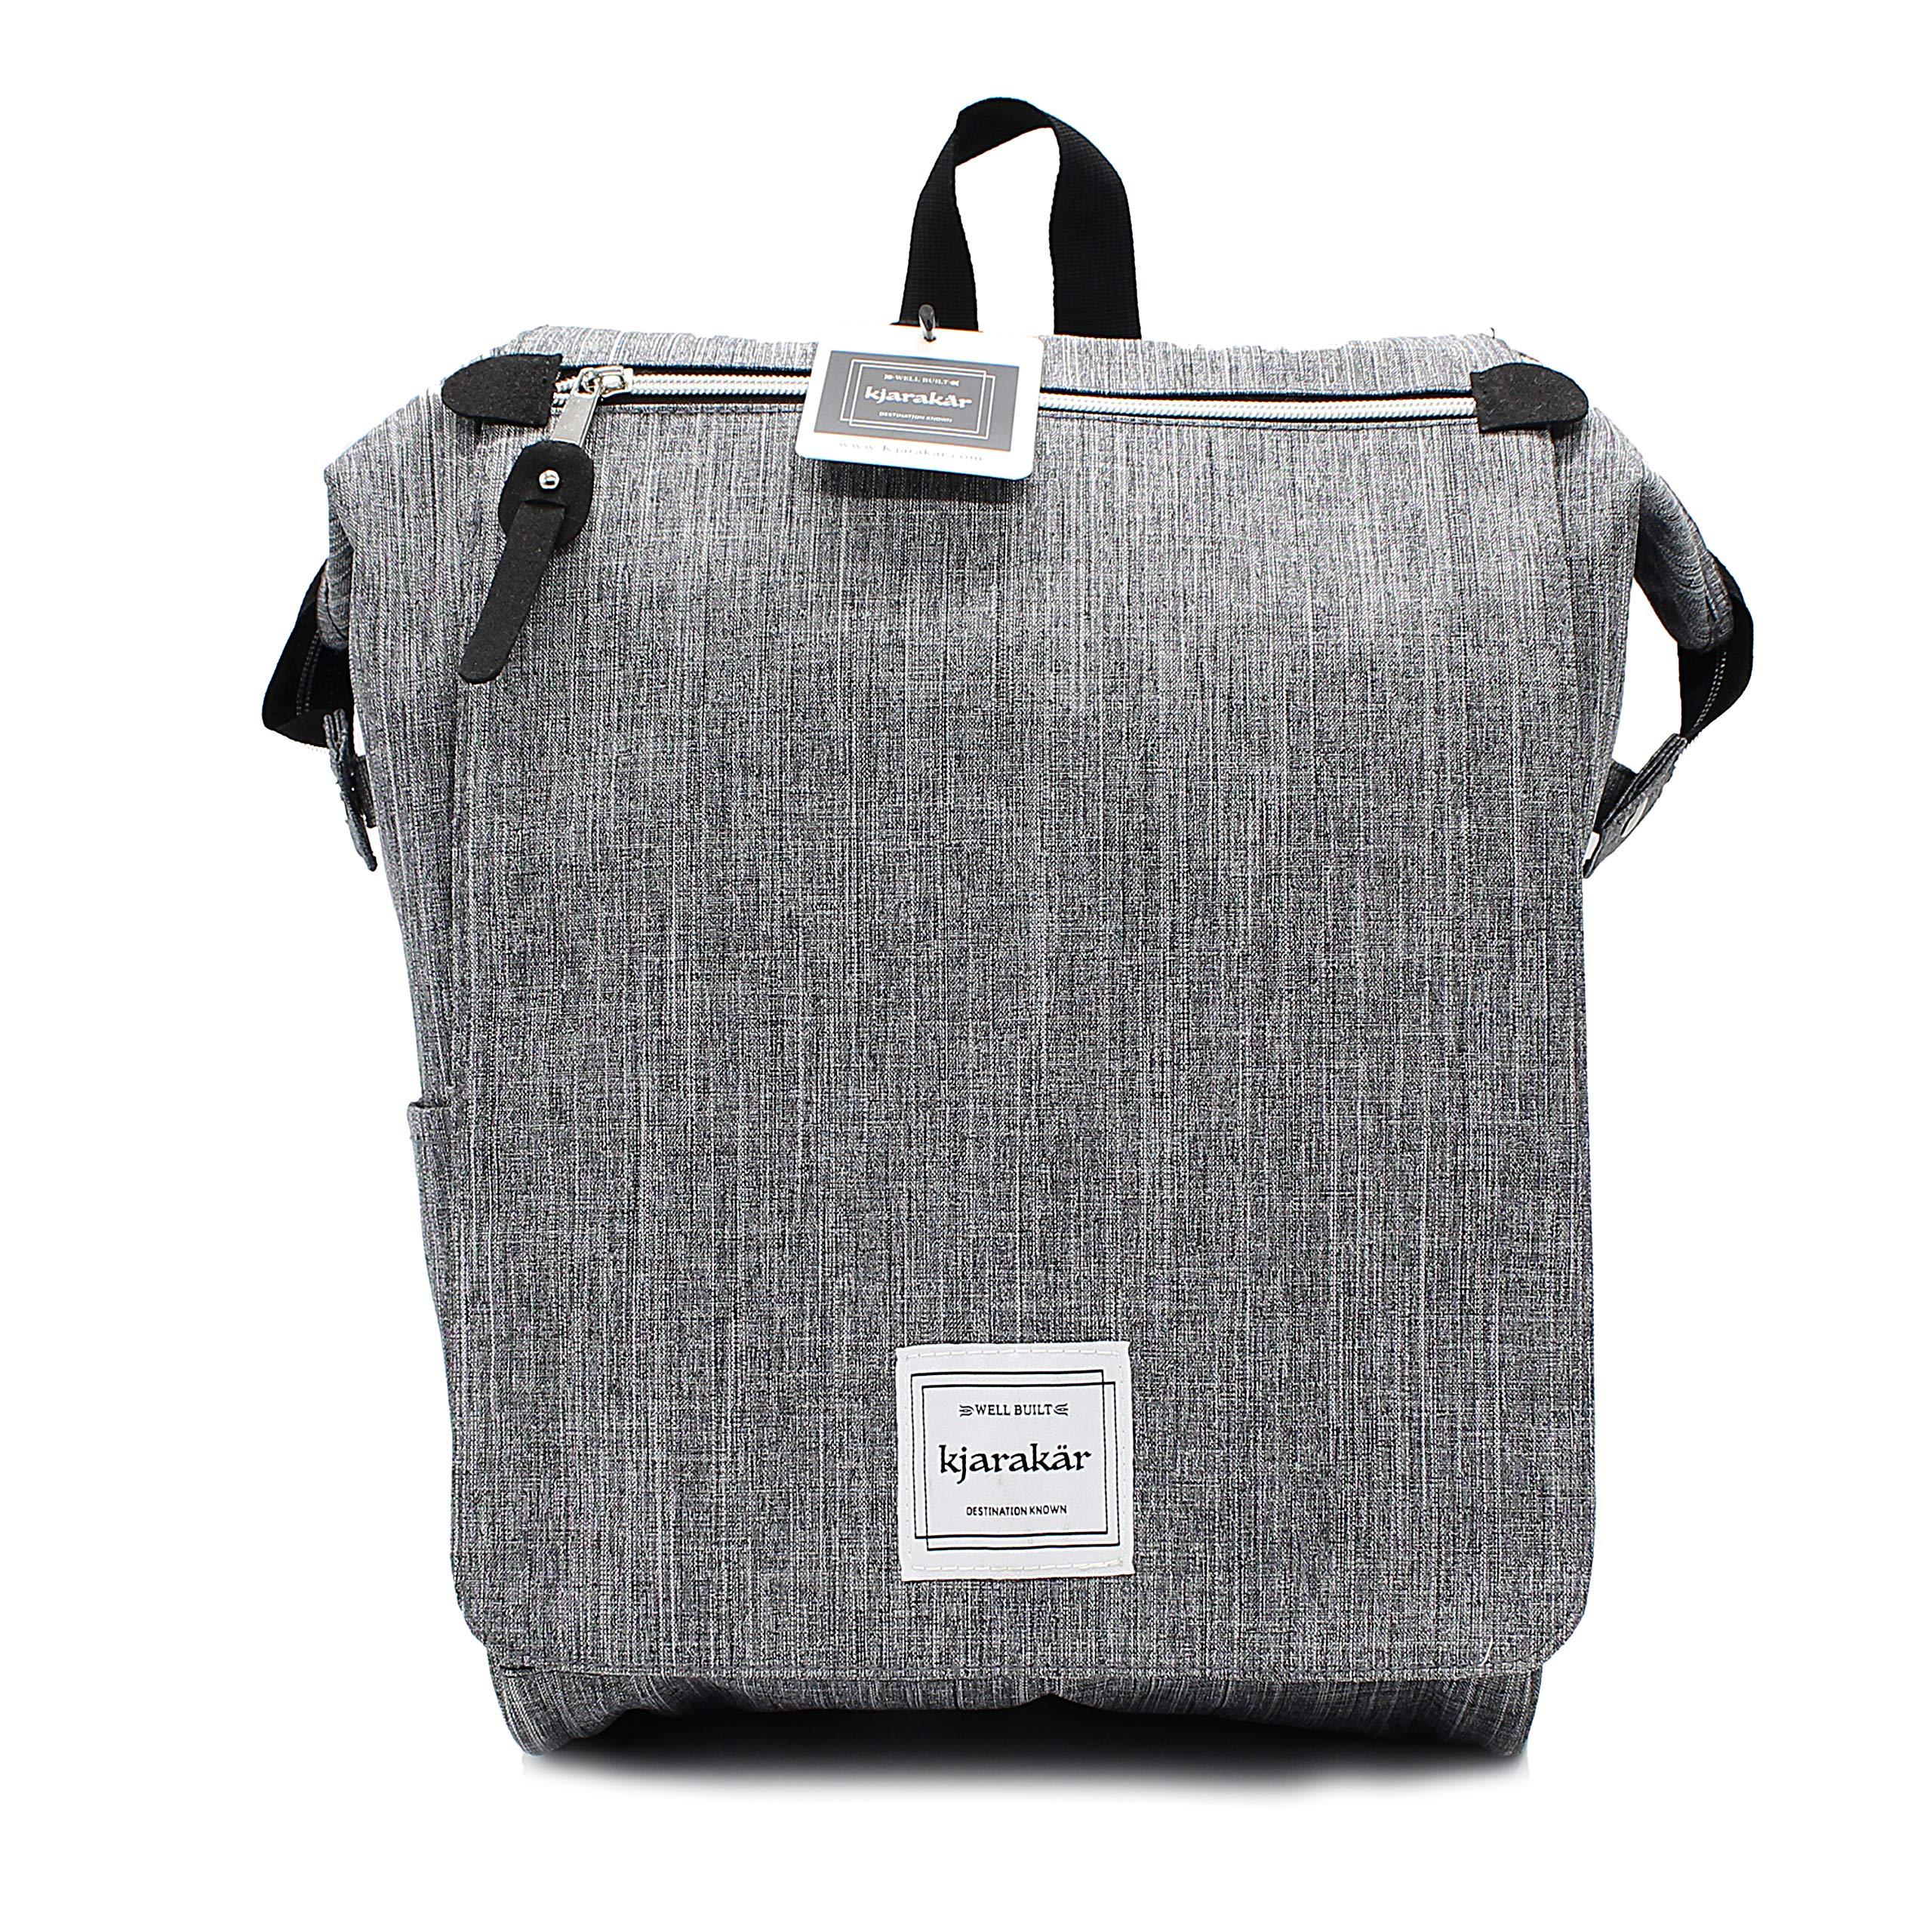 KJARAKÄR 背包 – 通勤、旅行、女士、儿童或学校! (碳)